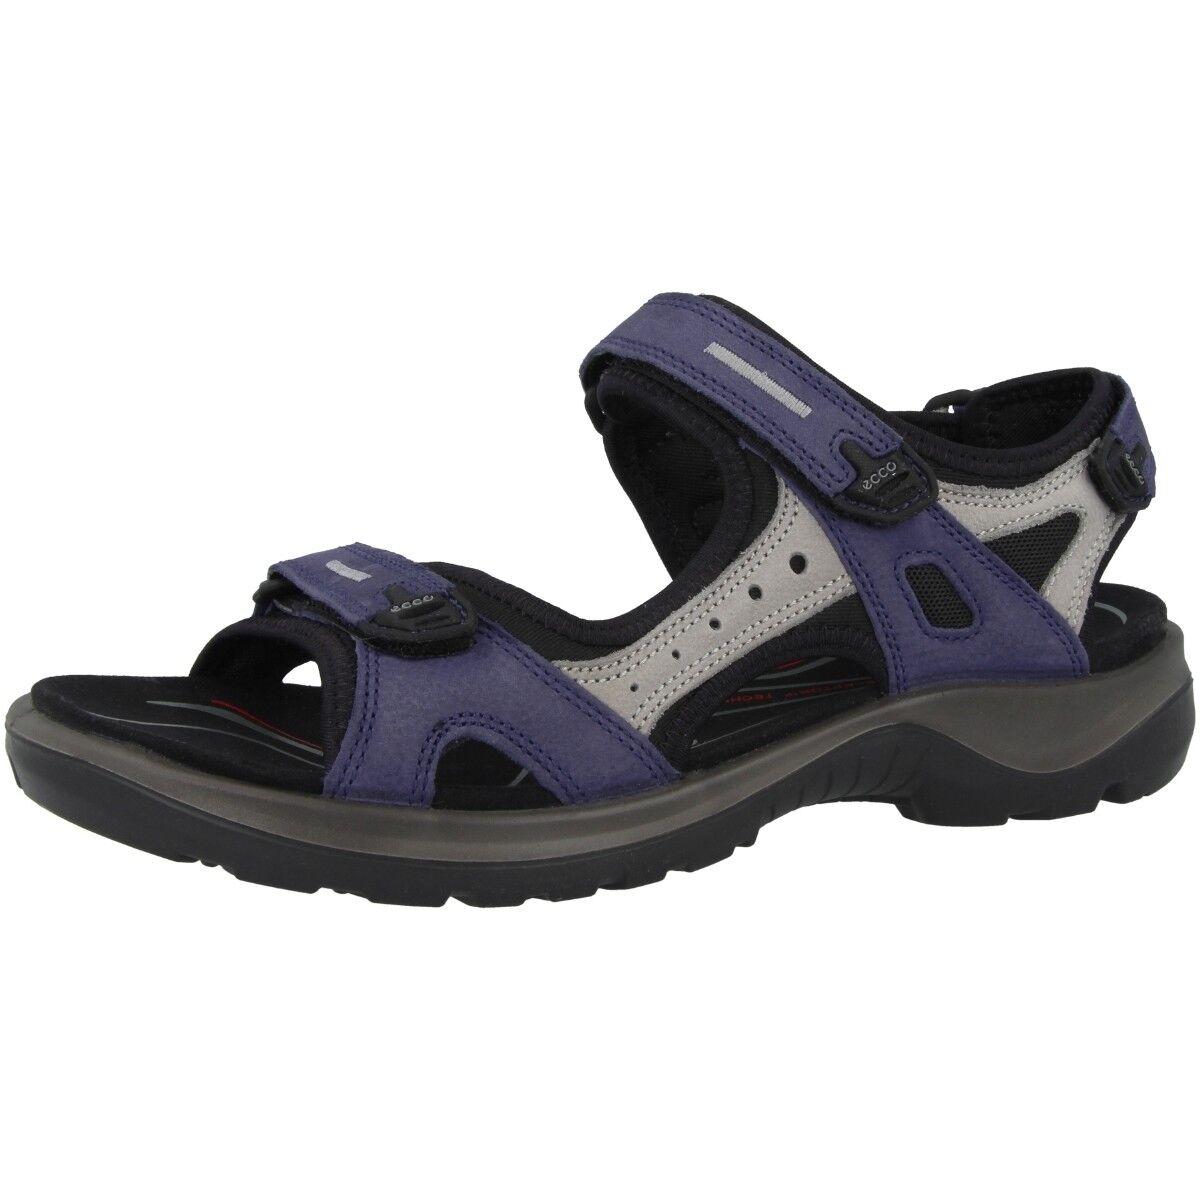 marca Ecco Off Road Yucatan Mujeres Sandalias de Dama Zapatos Zapatos Zapatos Starbuck 069563-57807  tienda